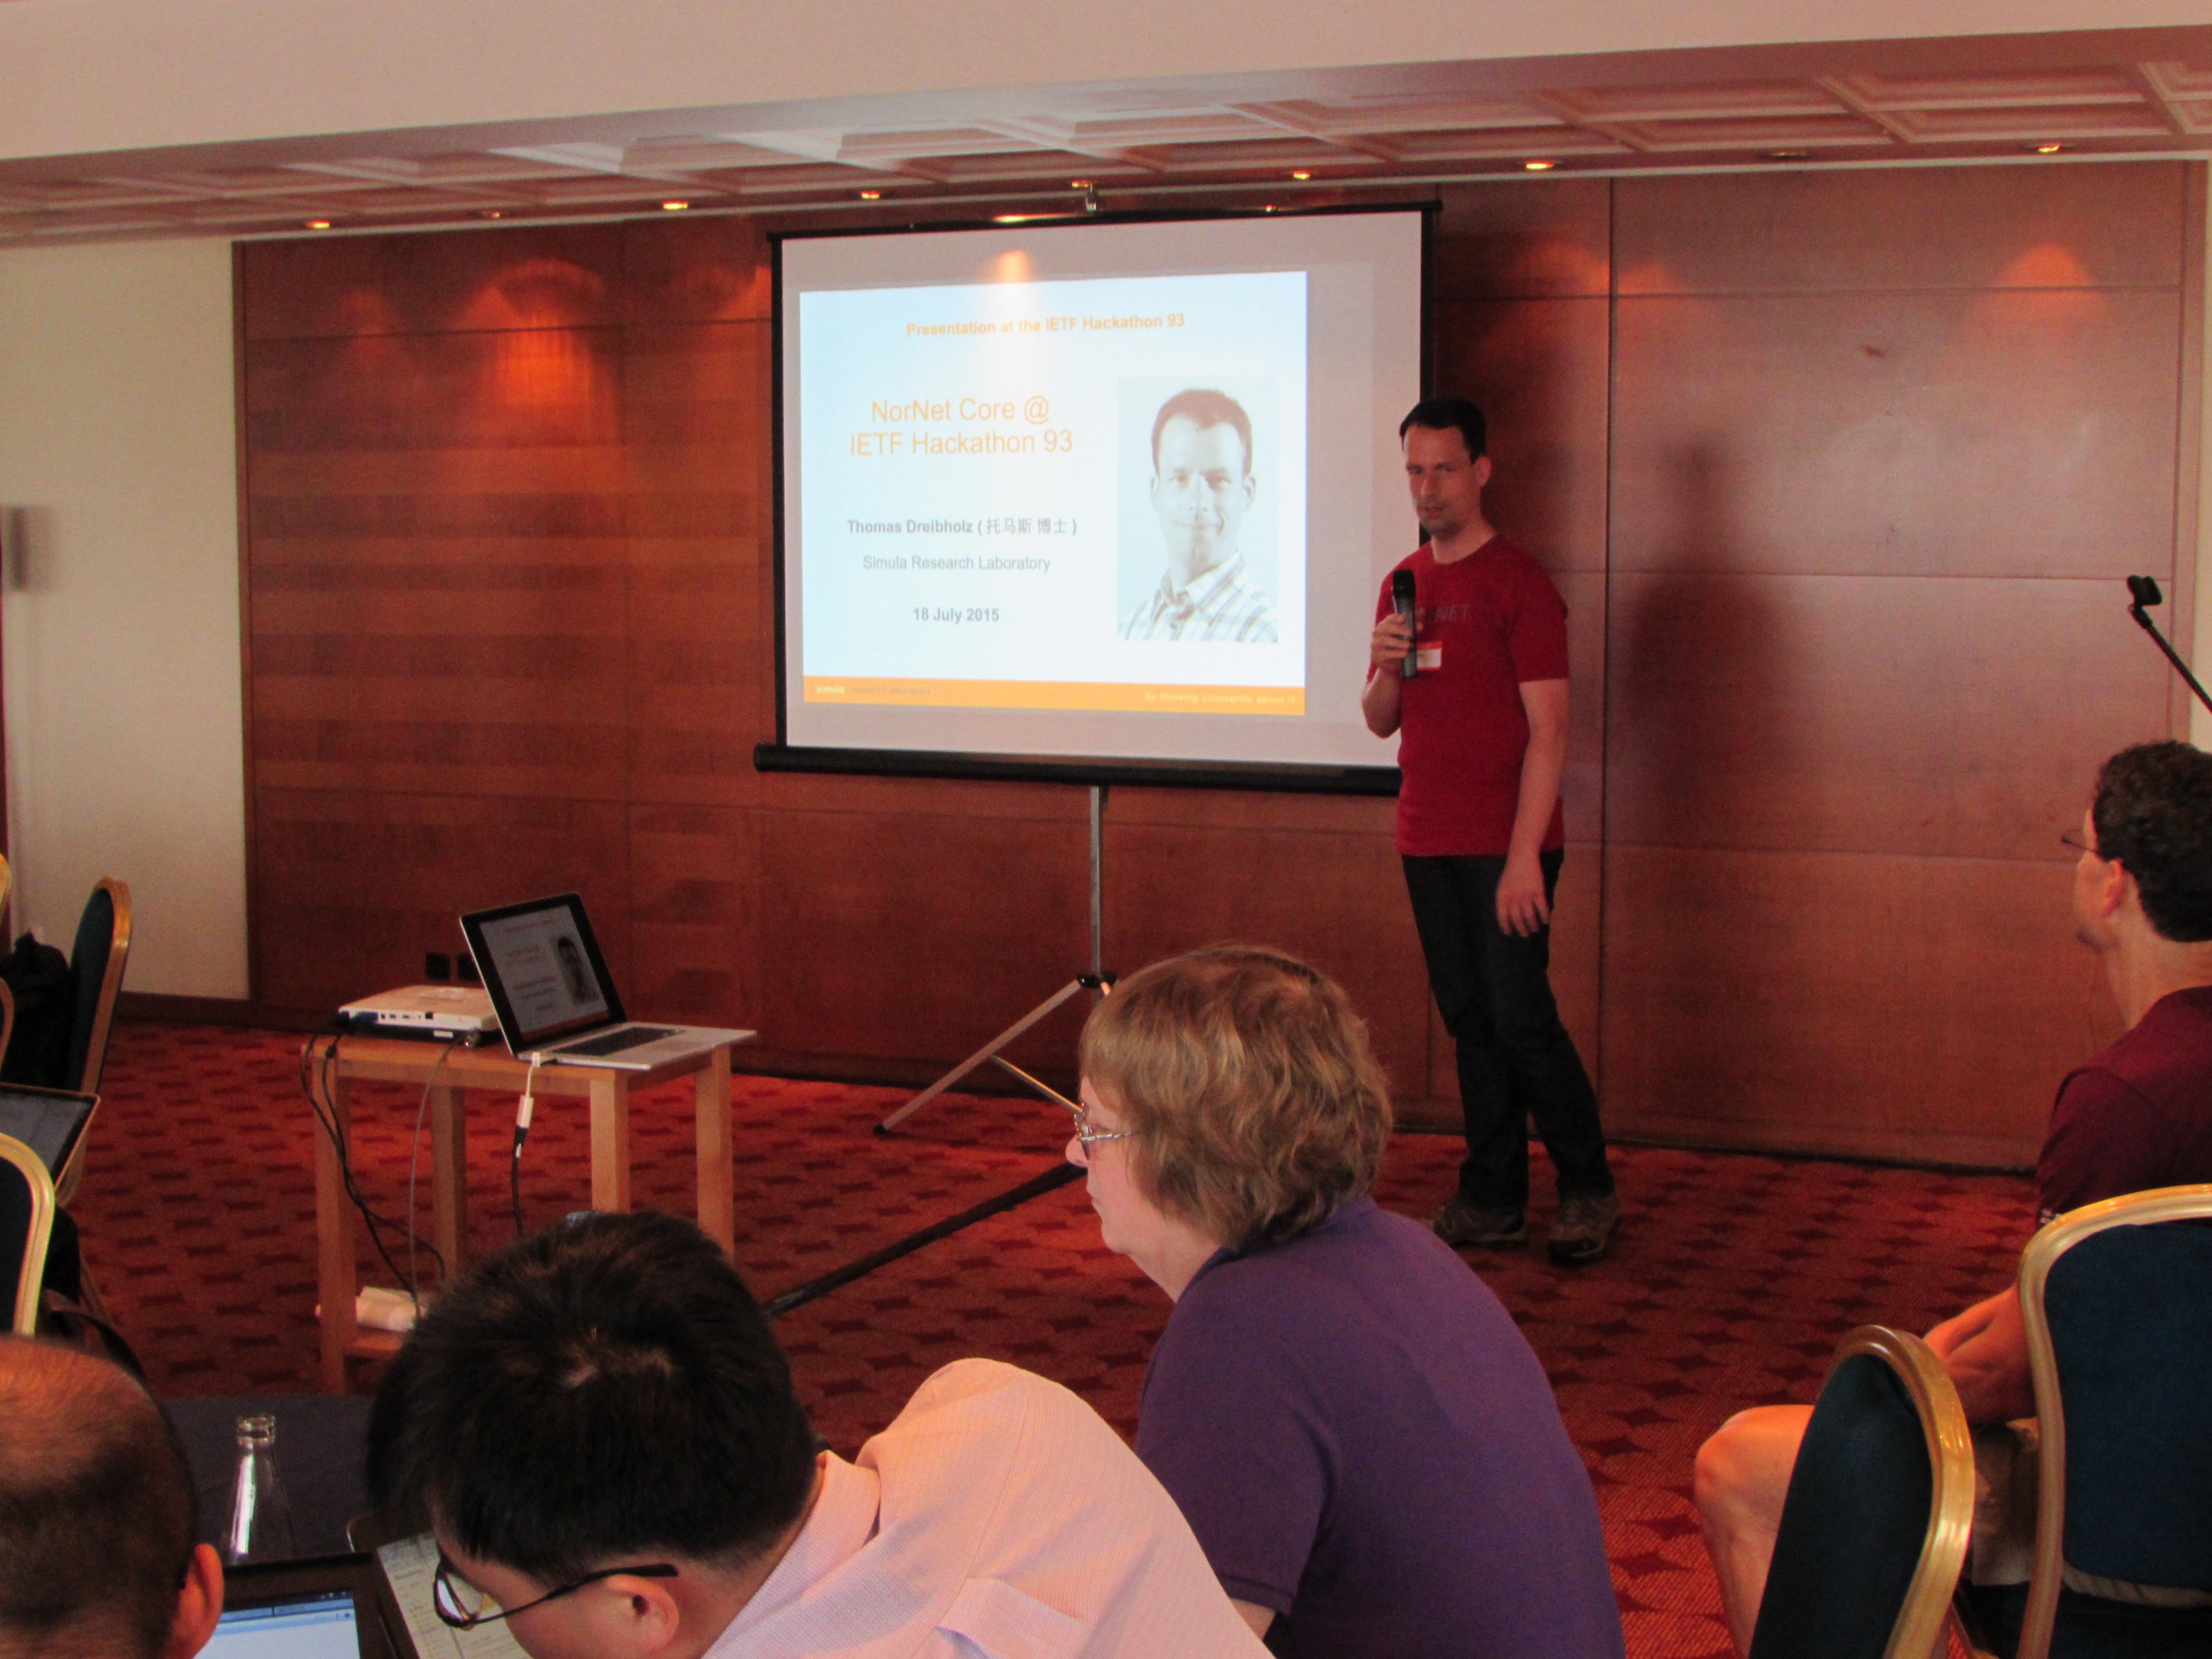 IETF Hackathon 93 1